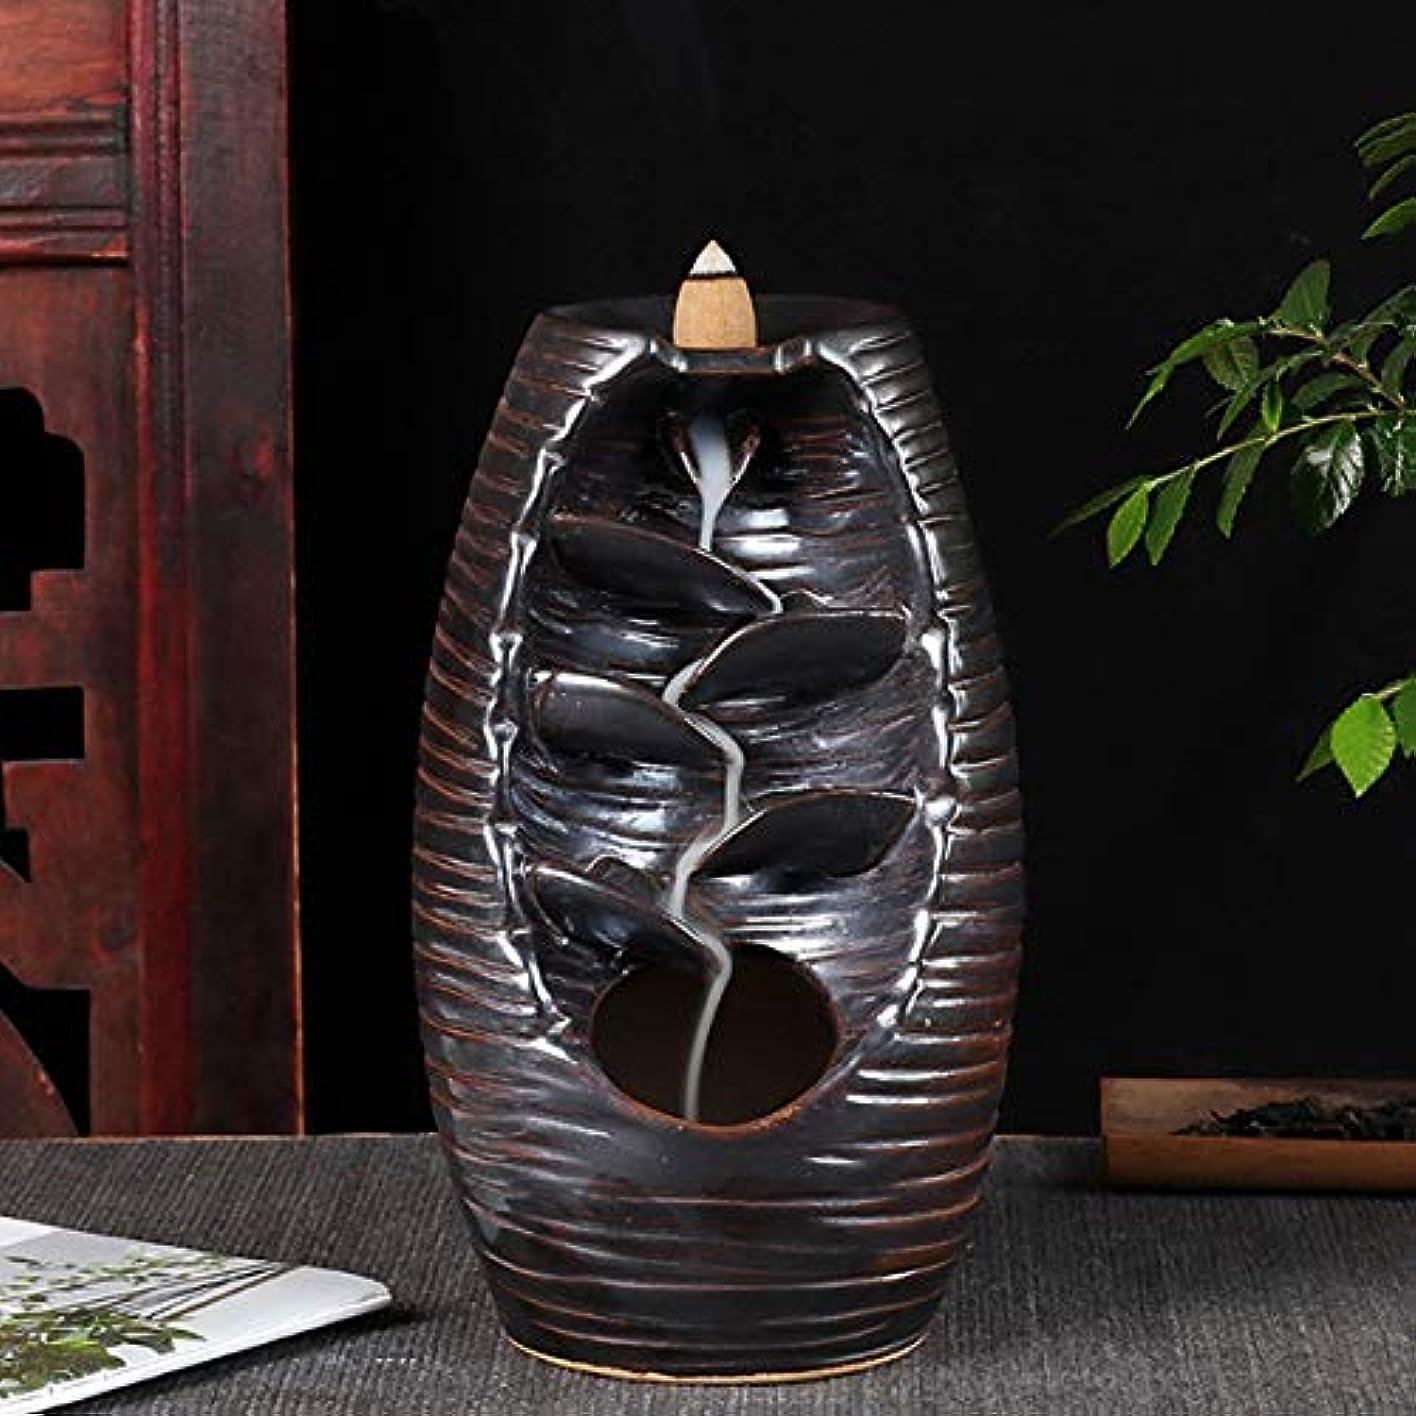 スカルクサイドボード暗殺Vosarea 逆流香バーナー滝香ホルダーアロマ飾り仏教用品(黒)